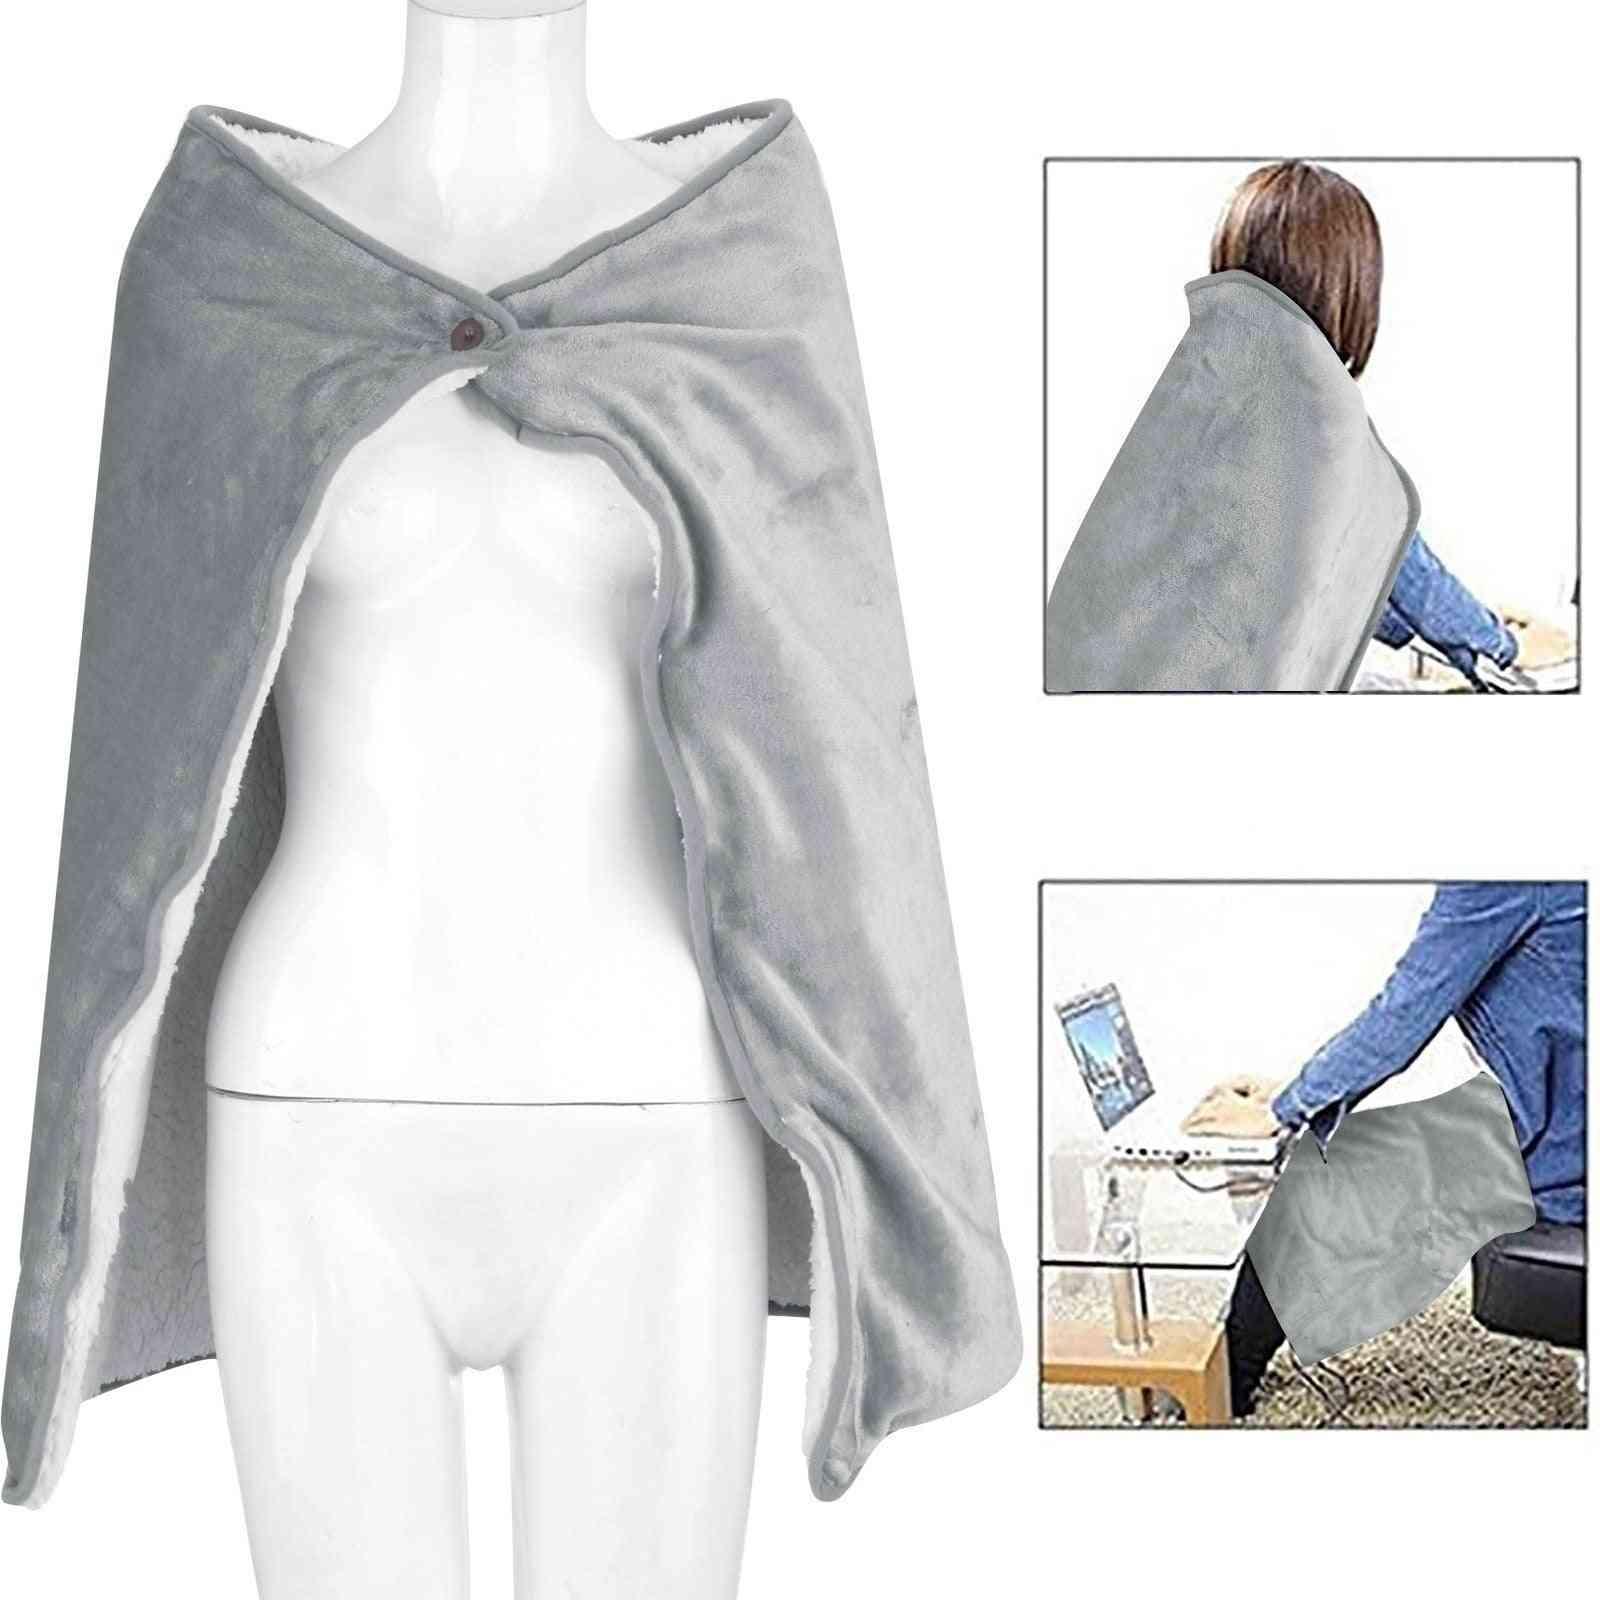 Usb Heated Electric Warming Shawl Lap Blanket